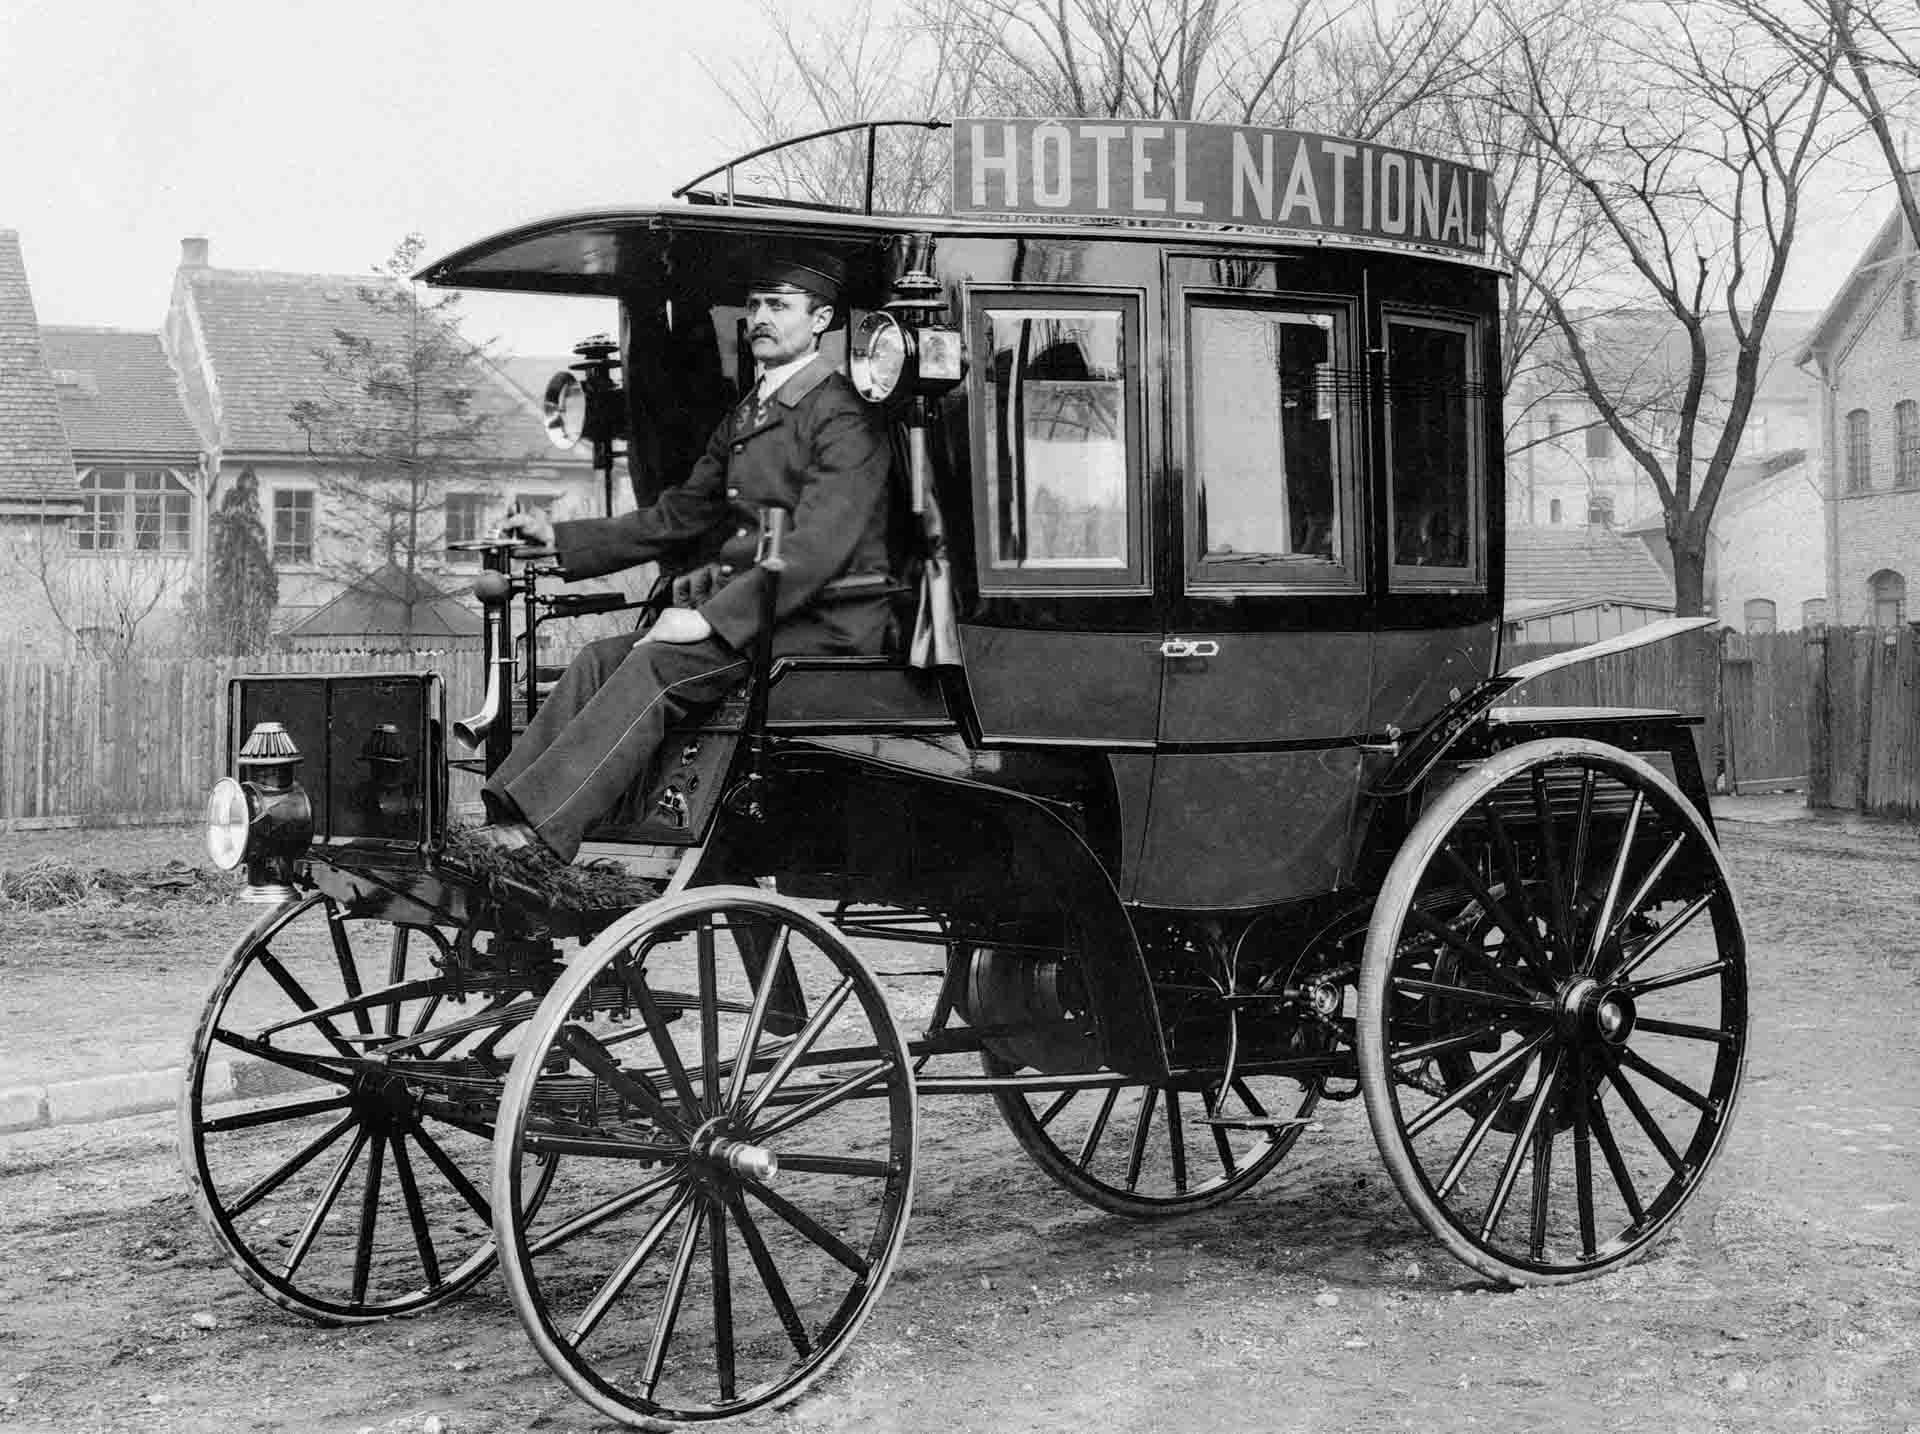 Benz Motoromnibus auf Basis des Benz Landauers mit acht Sitzen, hier in der Ausführung als Hotelomnibus. Ein solches Fahrzeug wird am 12. März 1895 an die Netphener Omnibus-Gesellschaft für den Liniendienst auf der Strecke Siegen–Netphen–Deuz ausgeliefert. Historische Fotografie.